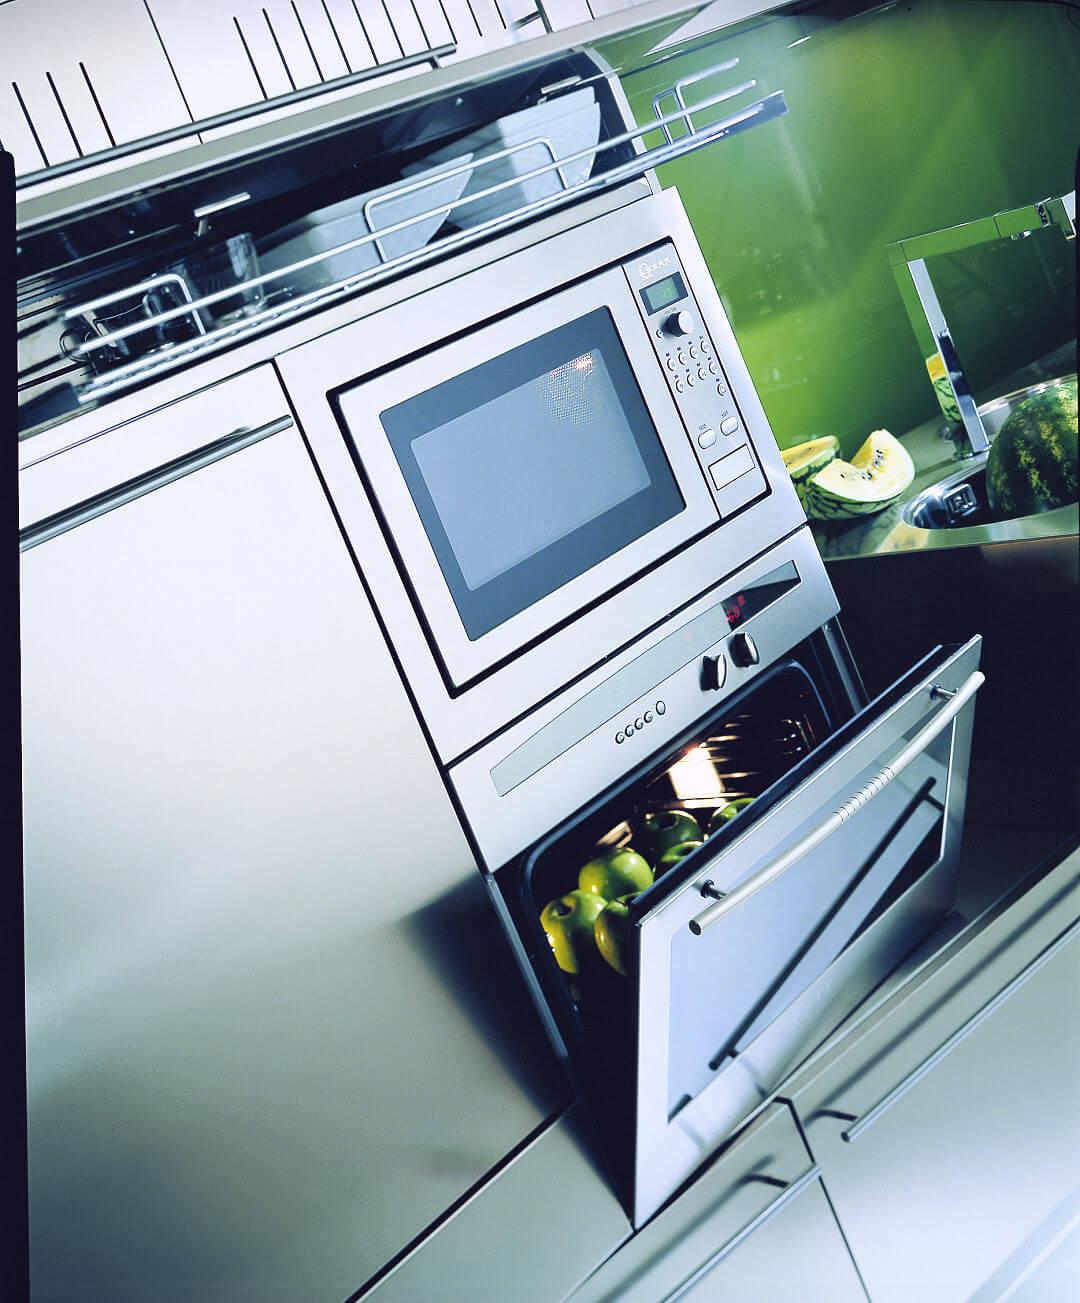 Arca Cucine Italien   Cucina In Acciaio Inox Su Misura   Forni E  Lavastoviglie